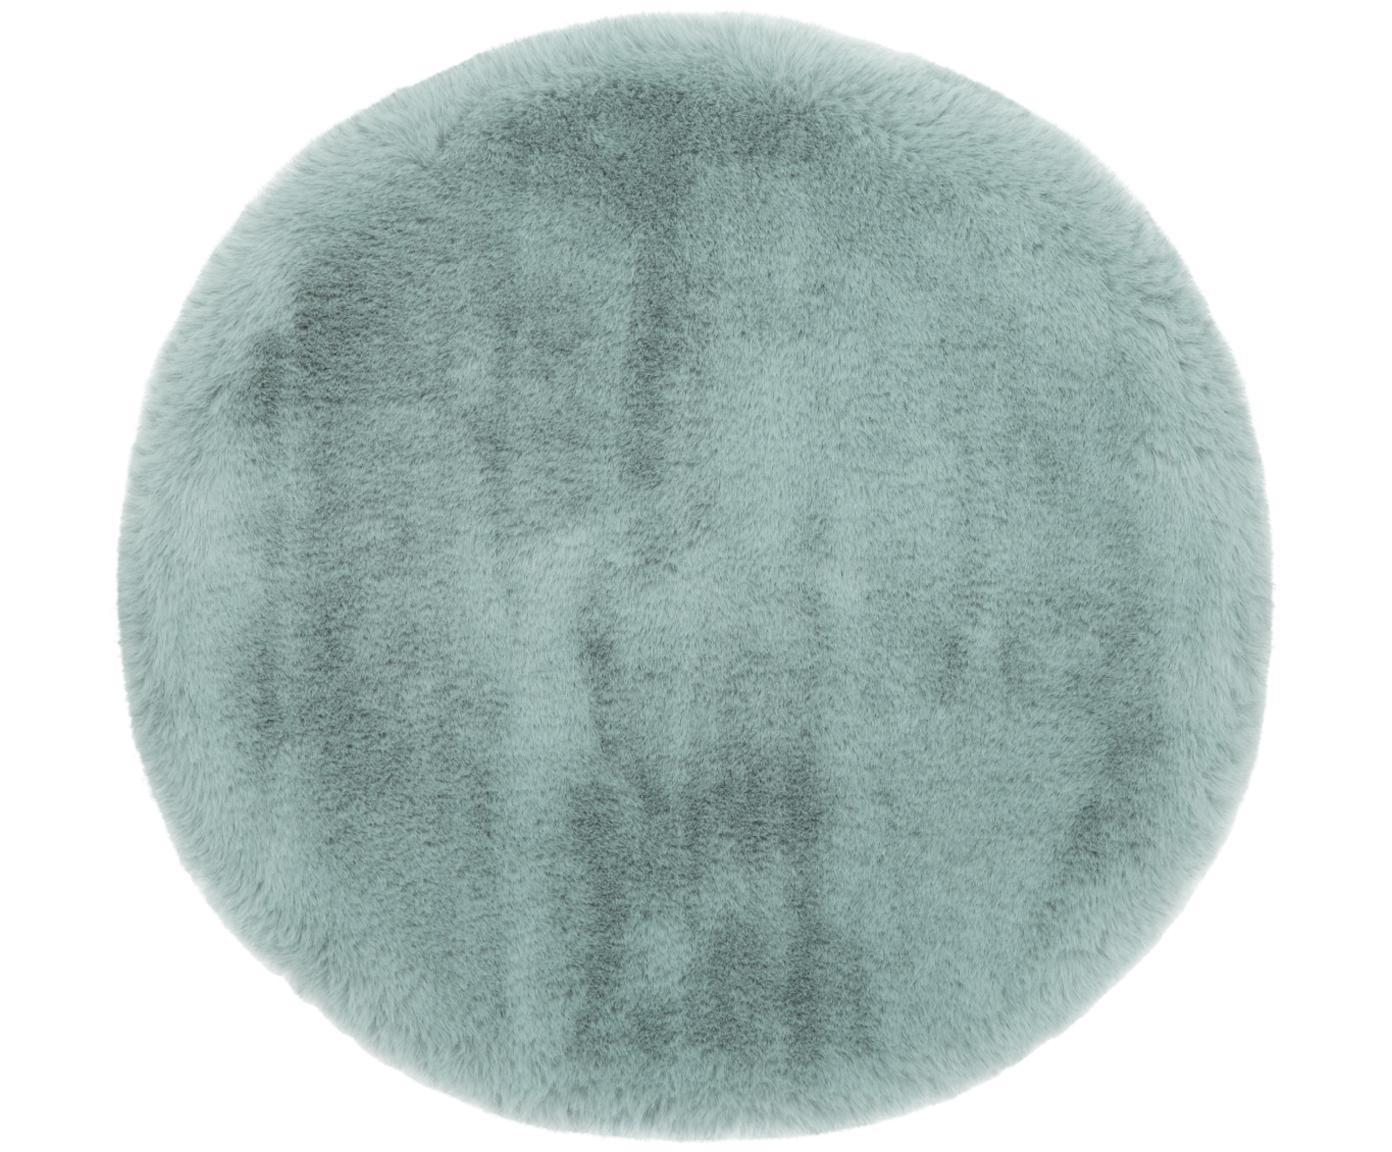 Cojín de asiento de piel sintética Matte, Parte delantera: 100%poliéster, Parte trasera: 100%poliéster, Verde, Ø 37 cm